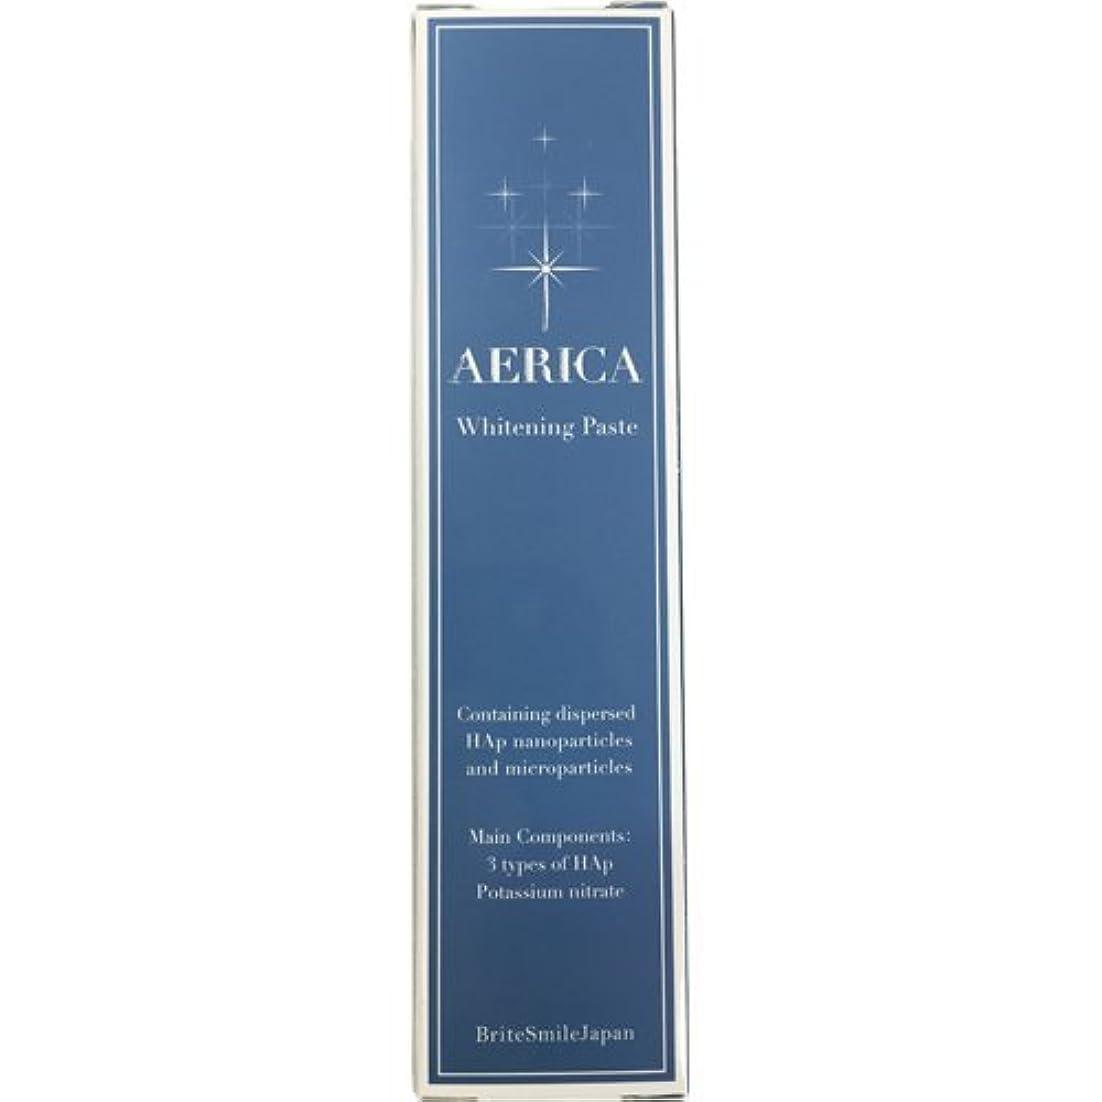 気配りのある滝貴重なAERICA(エリカ) ホワイトニングペースト 30g